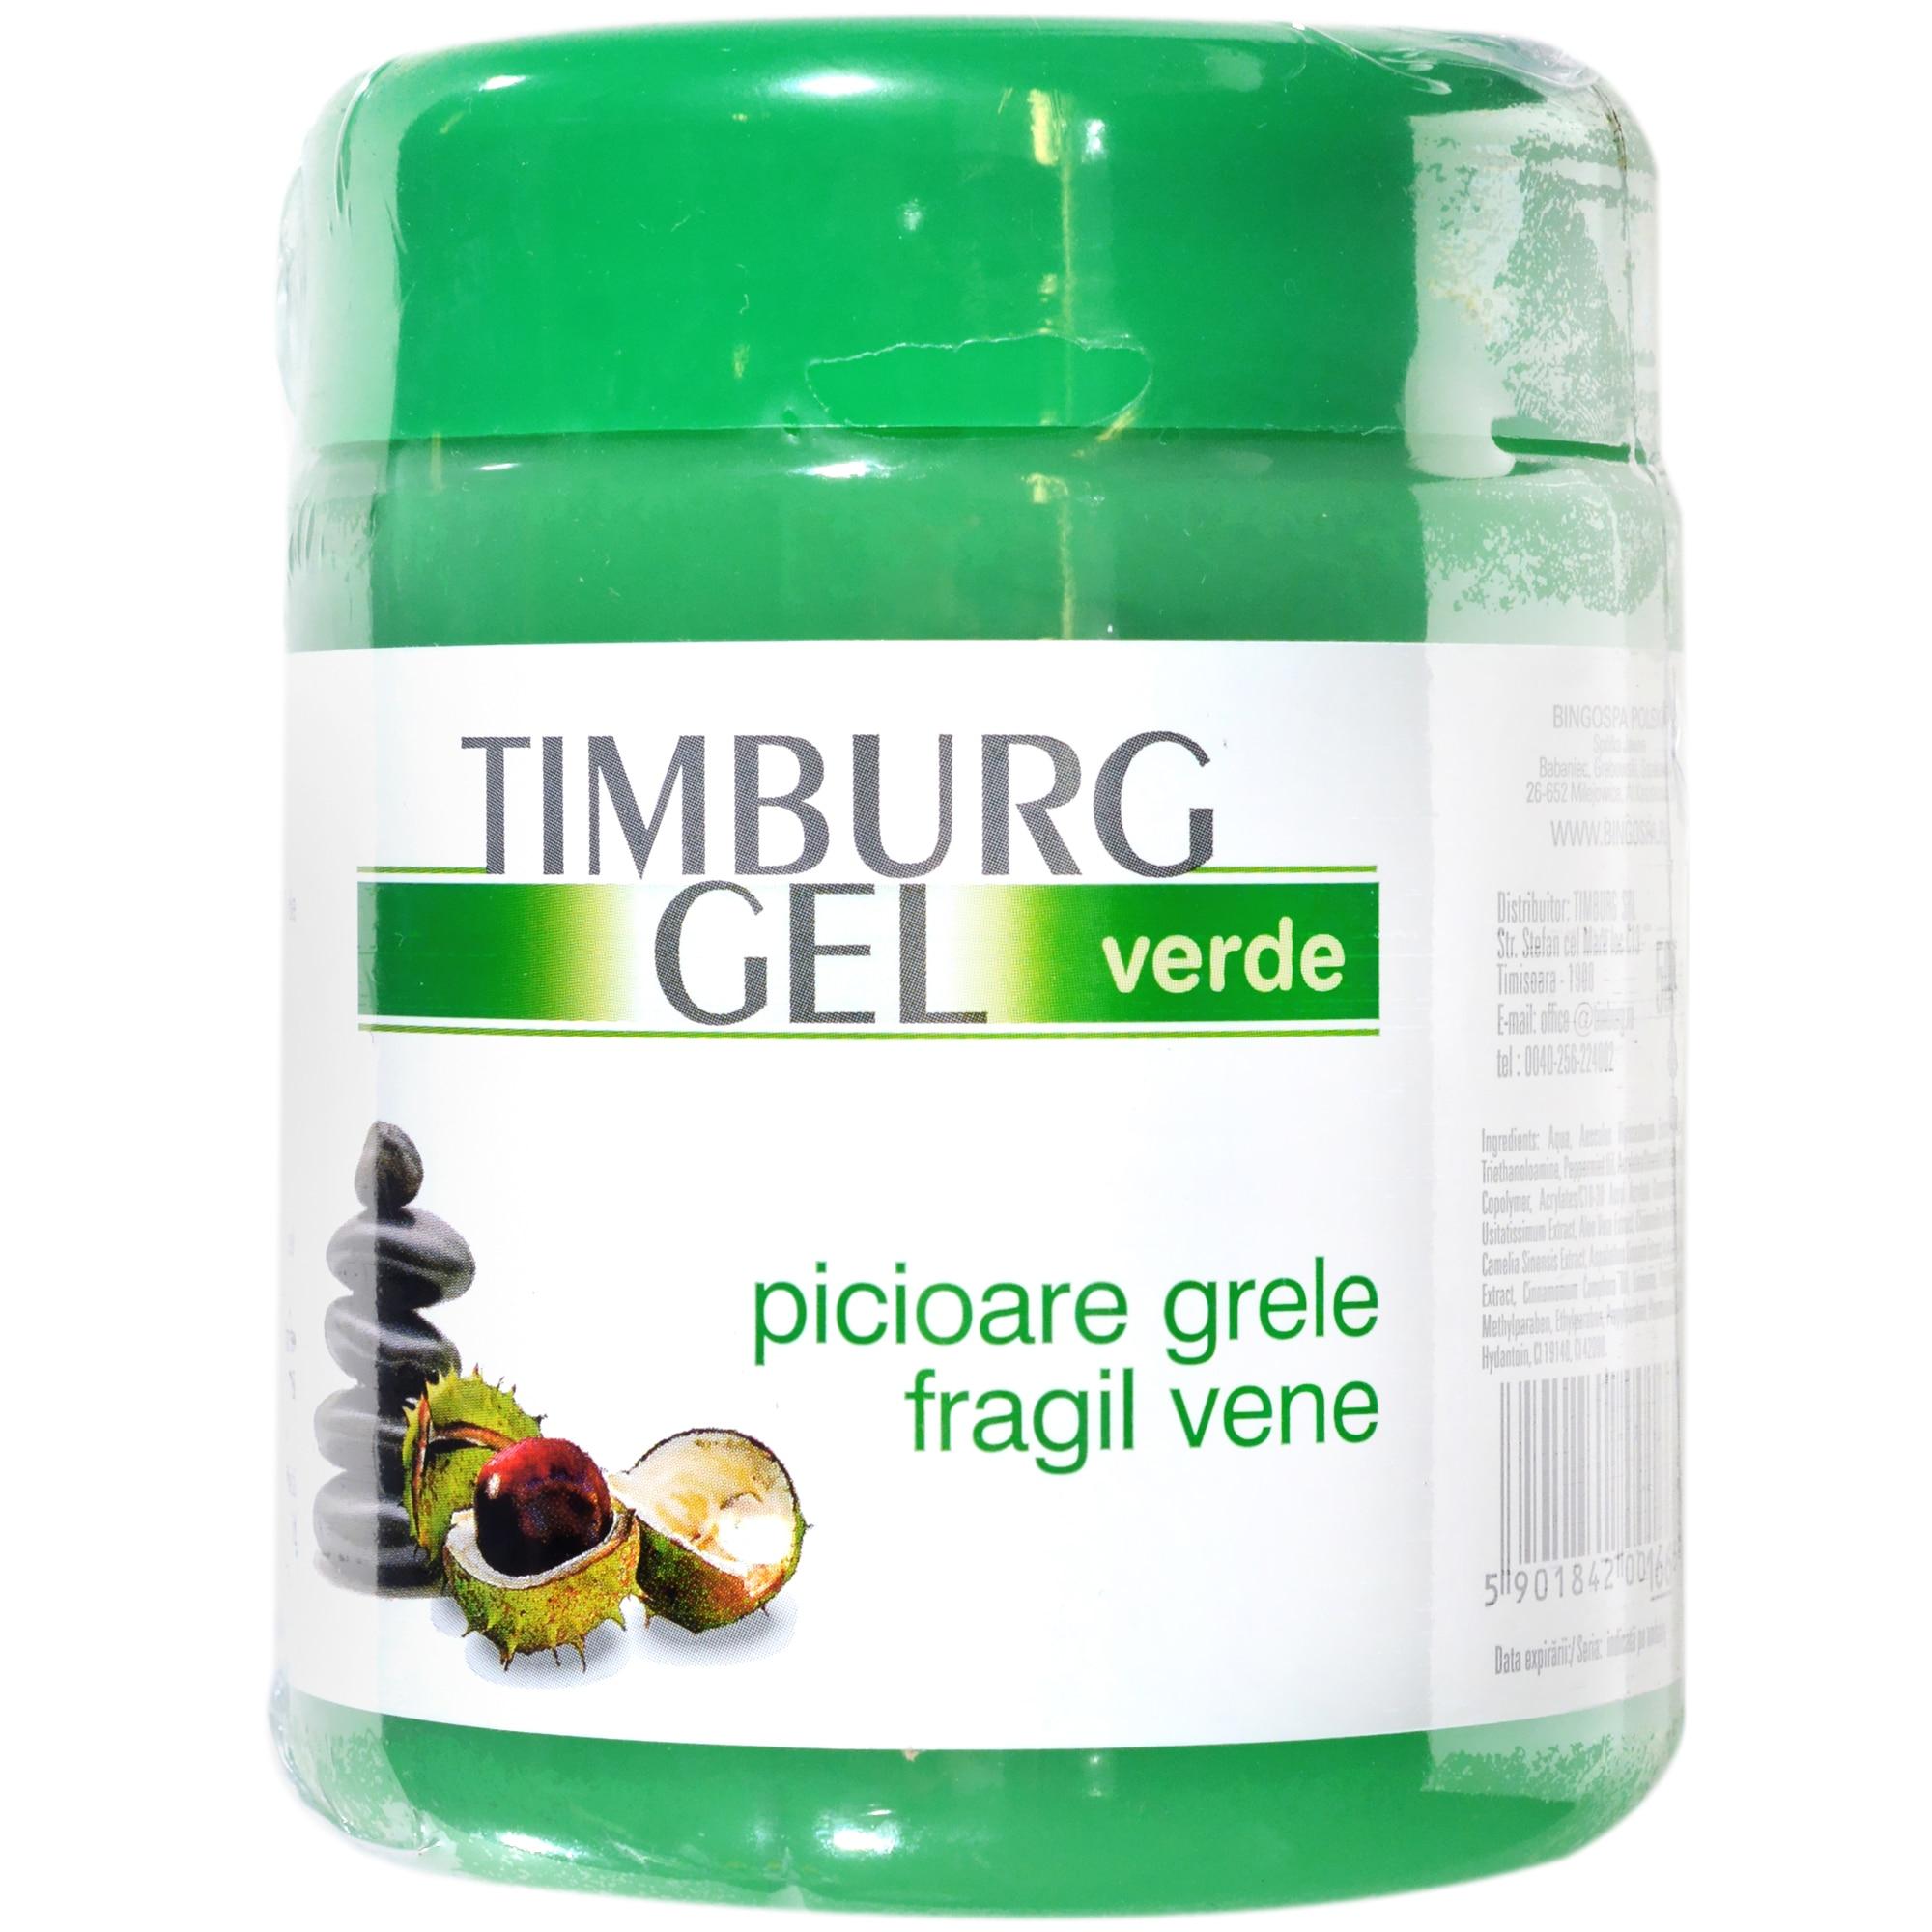 timburg gel verde picioare grele fragil vene